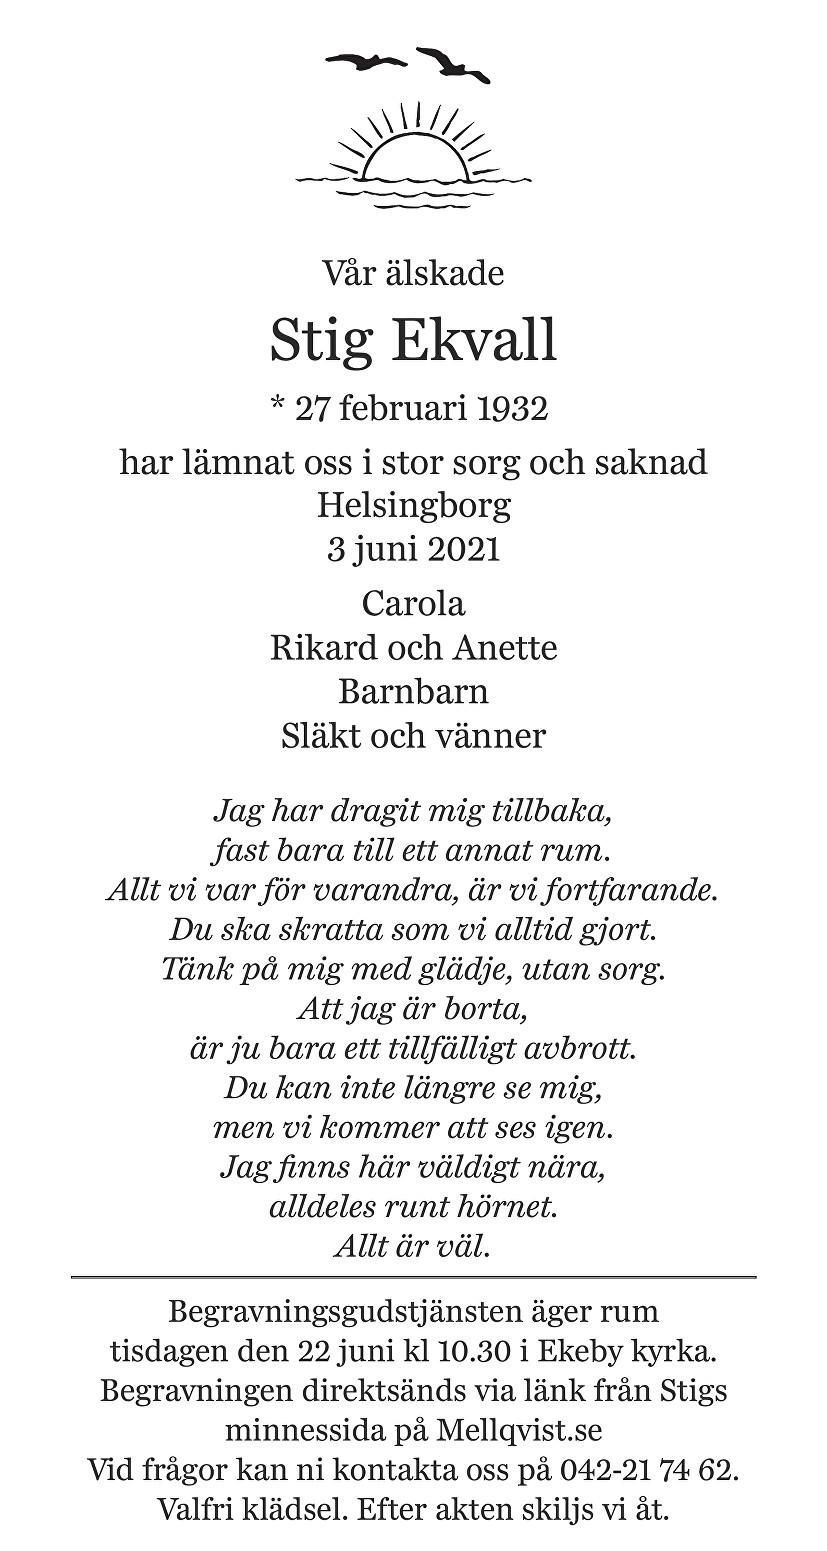 Stig Ekvall Death notice